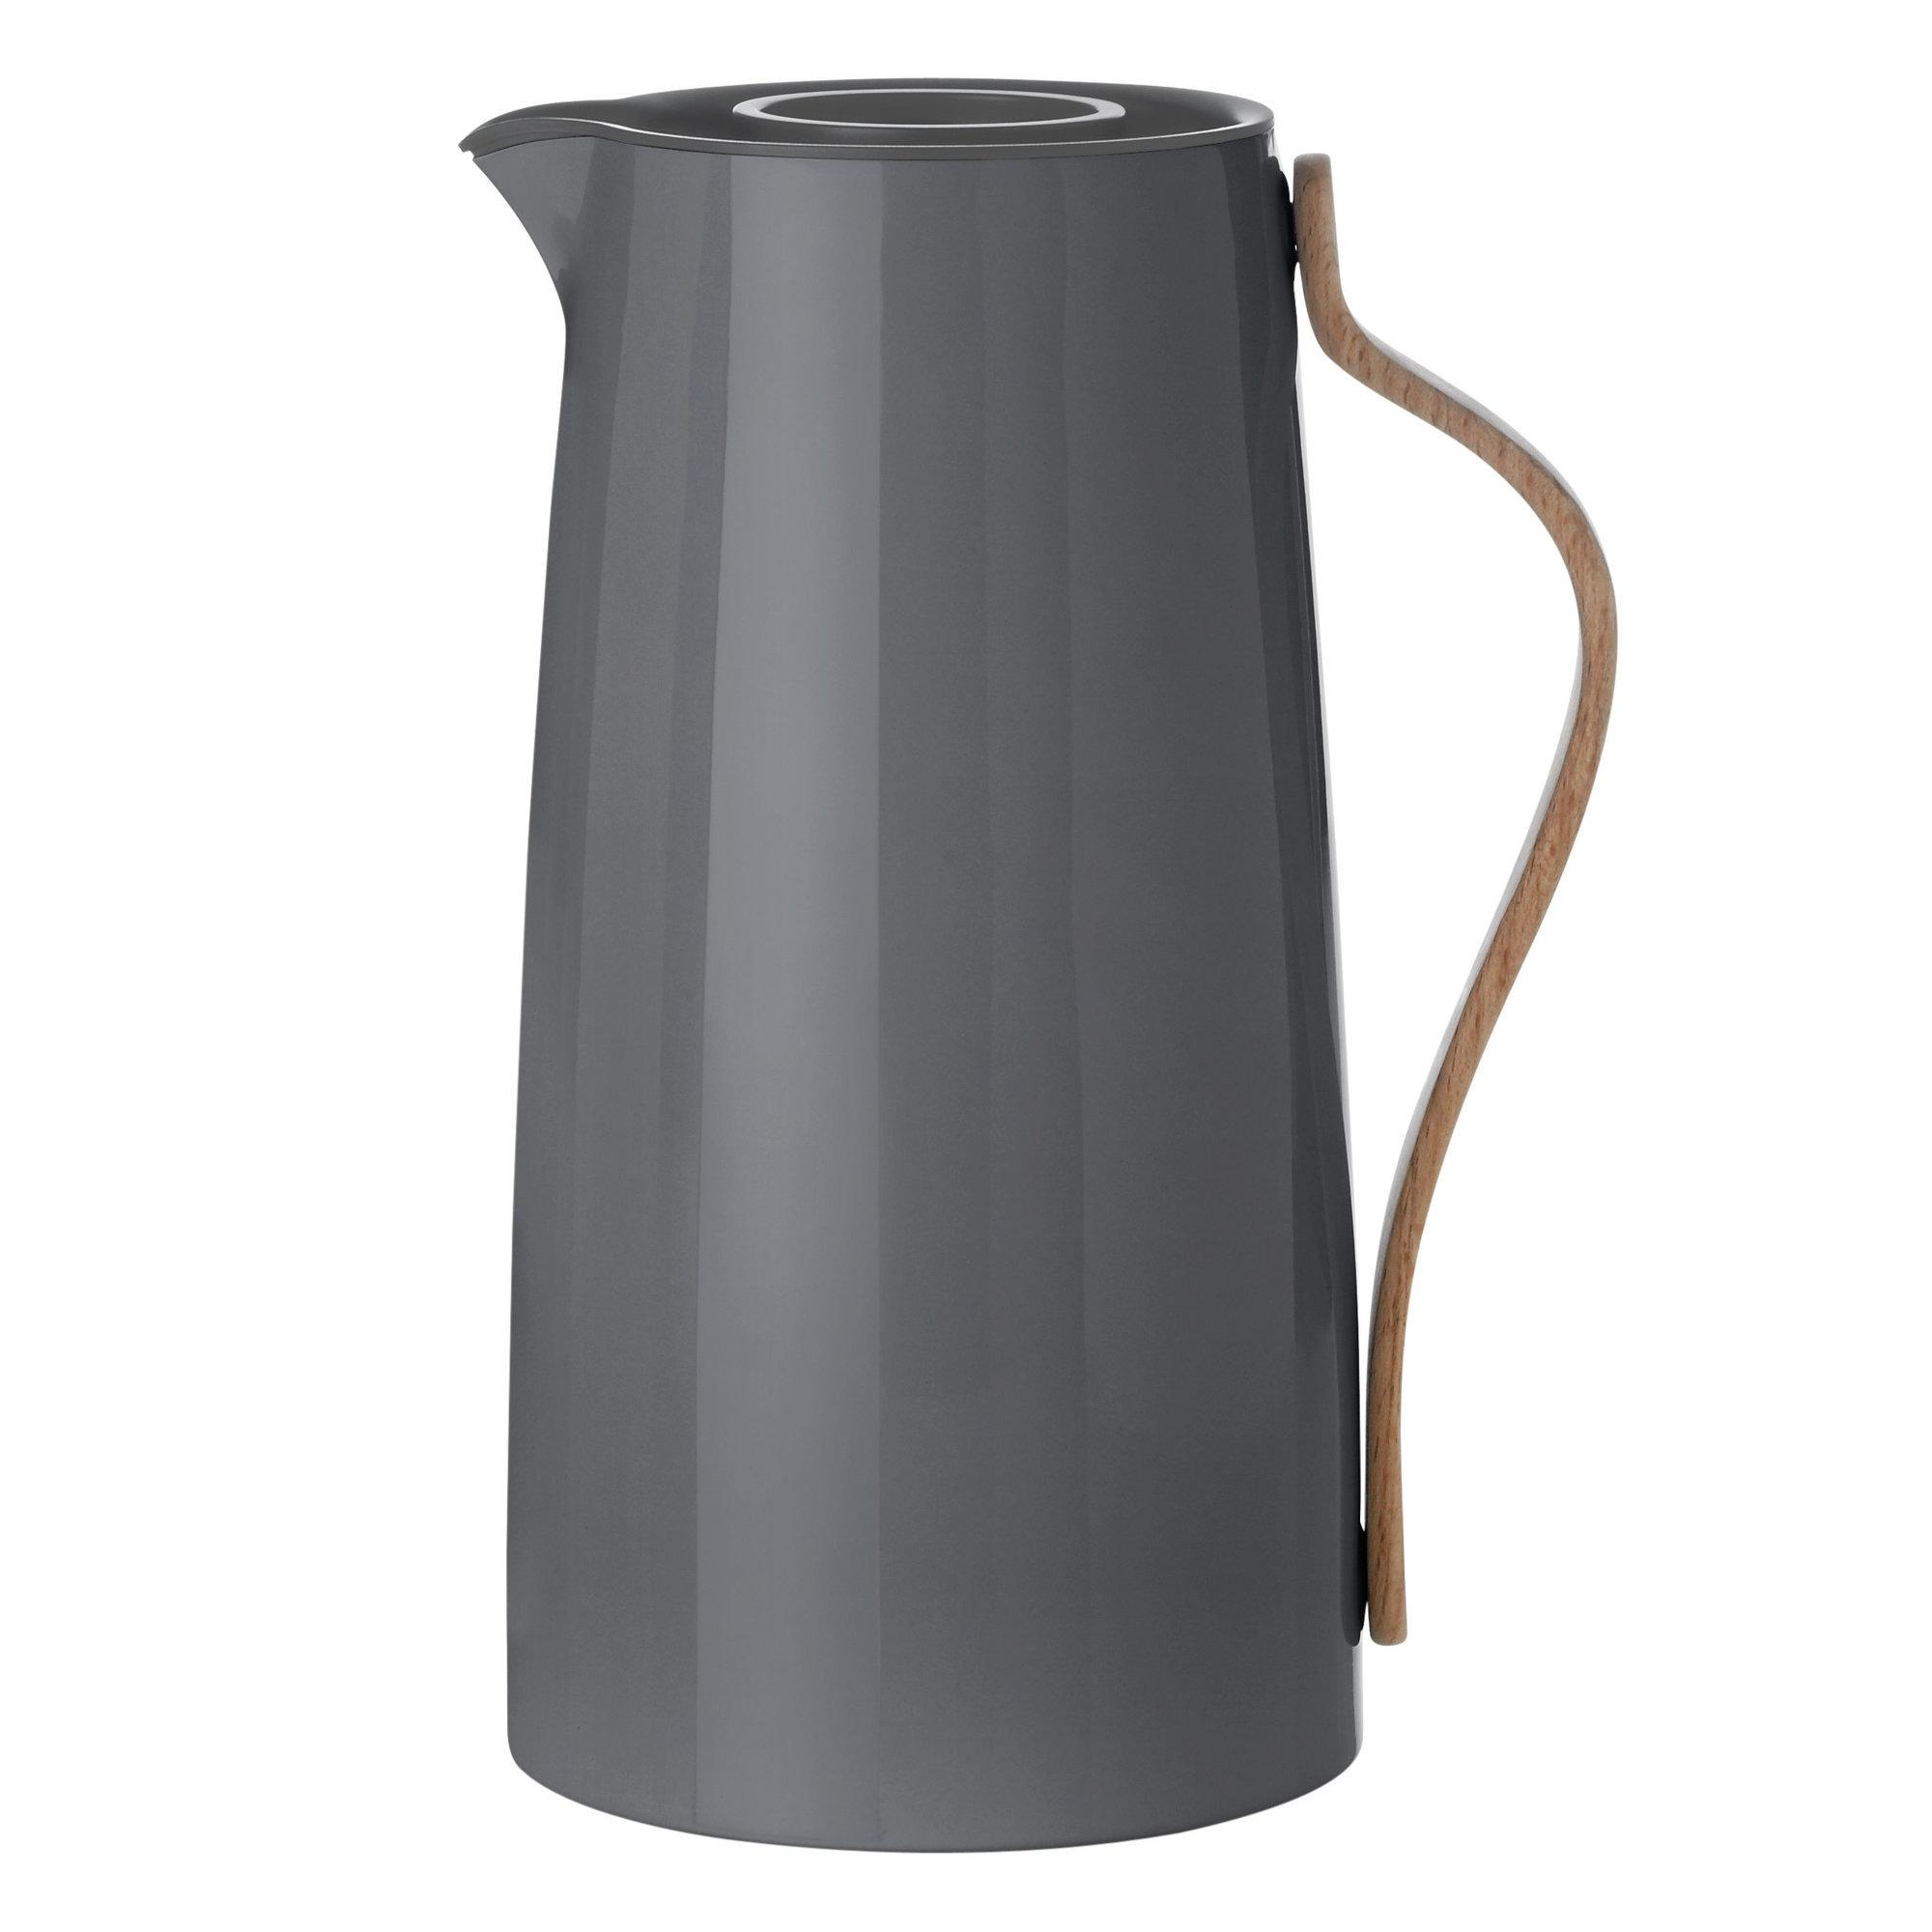 Stelton Emma termoskanna – Kaffe 12 L – Grå